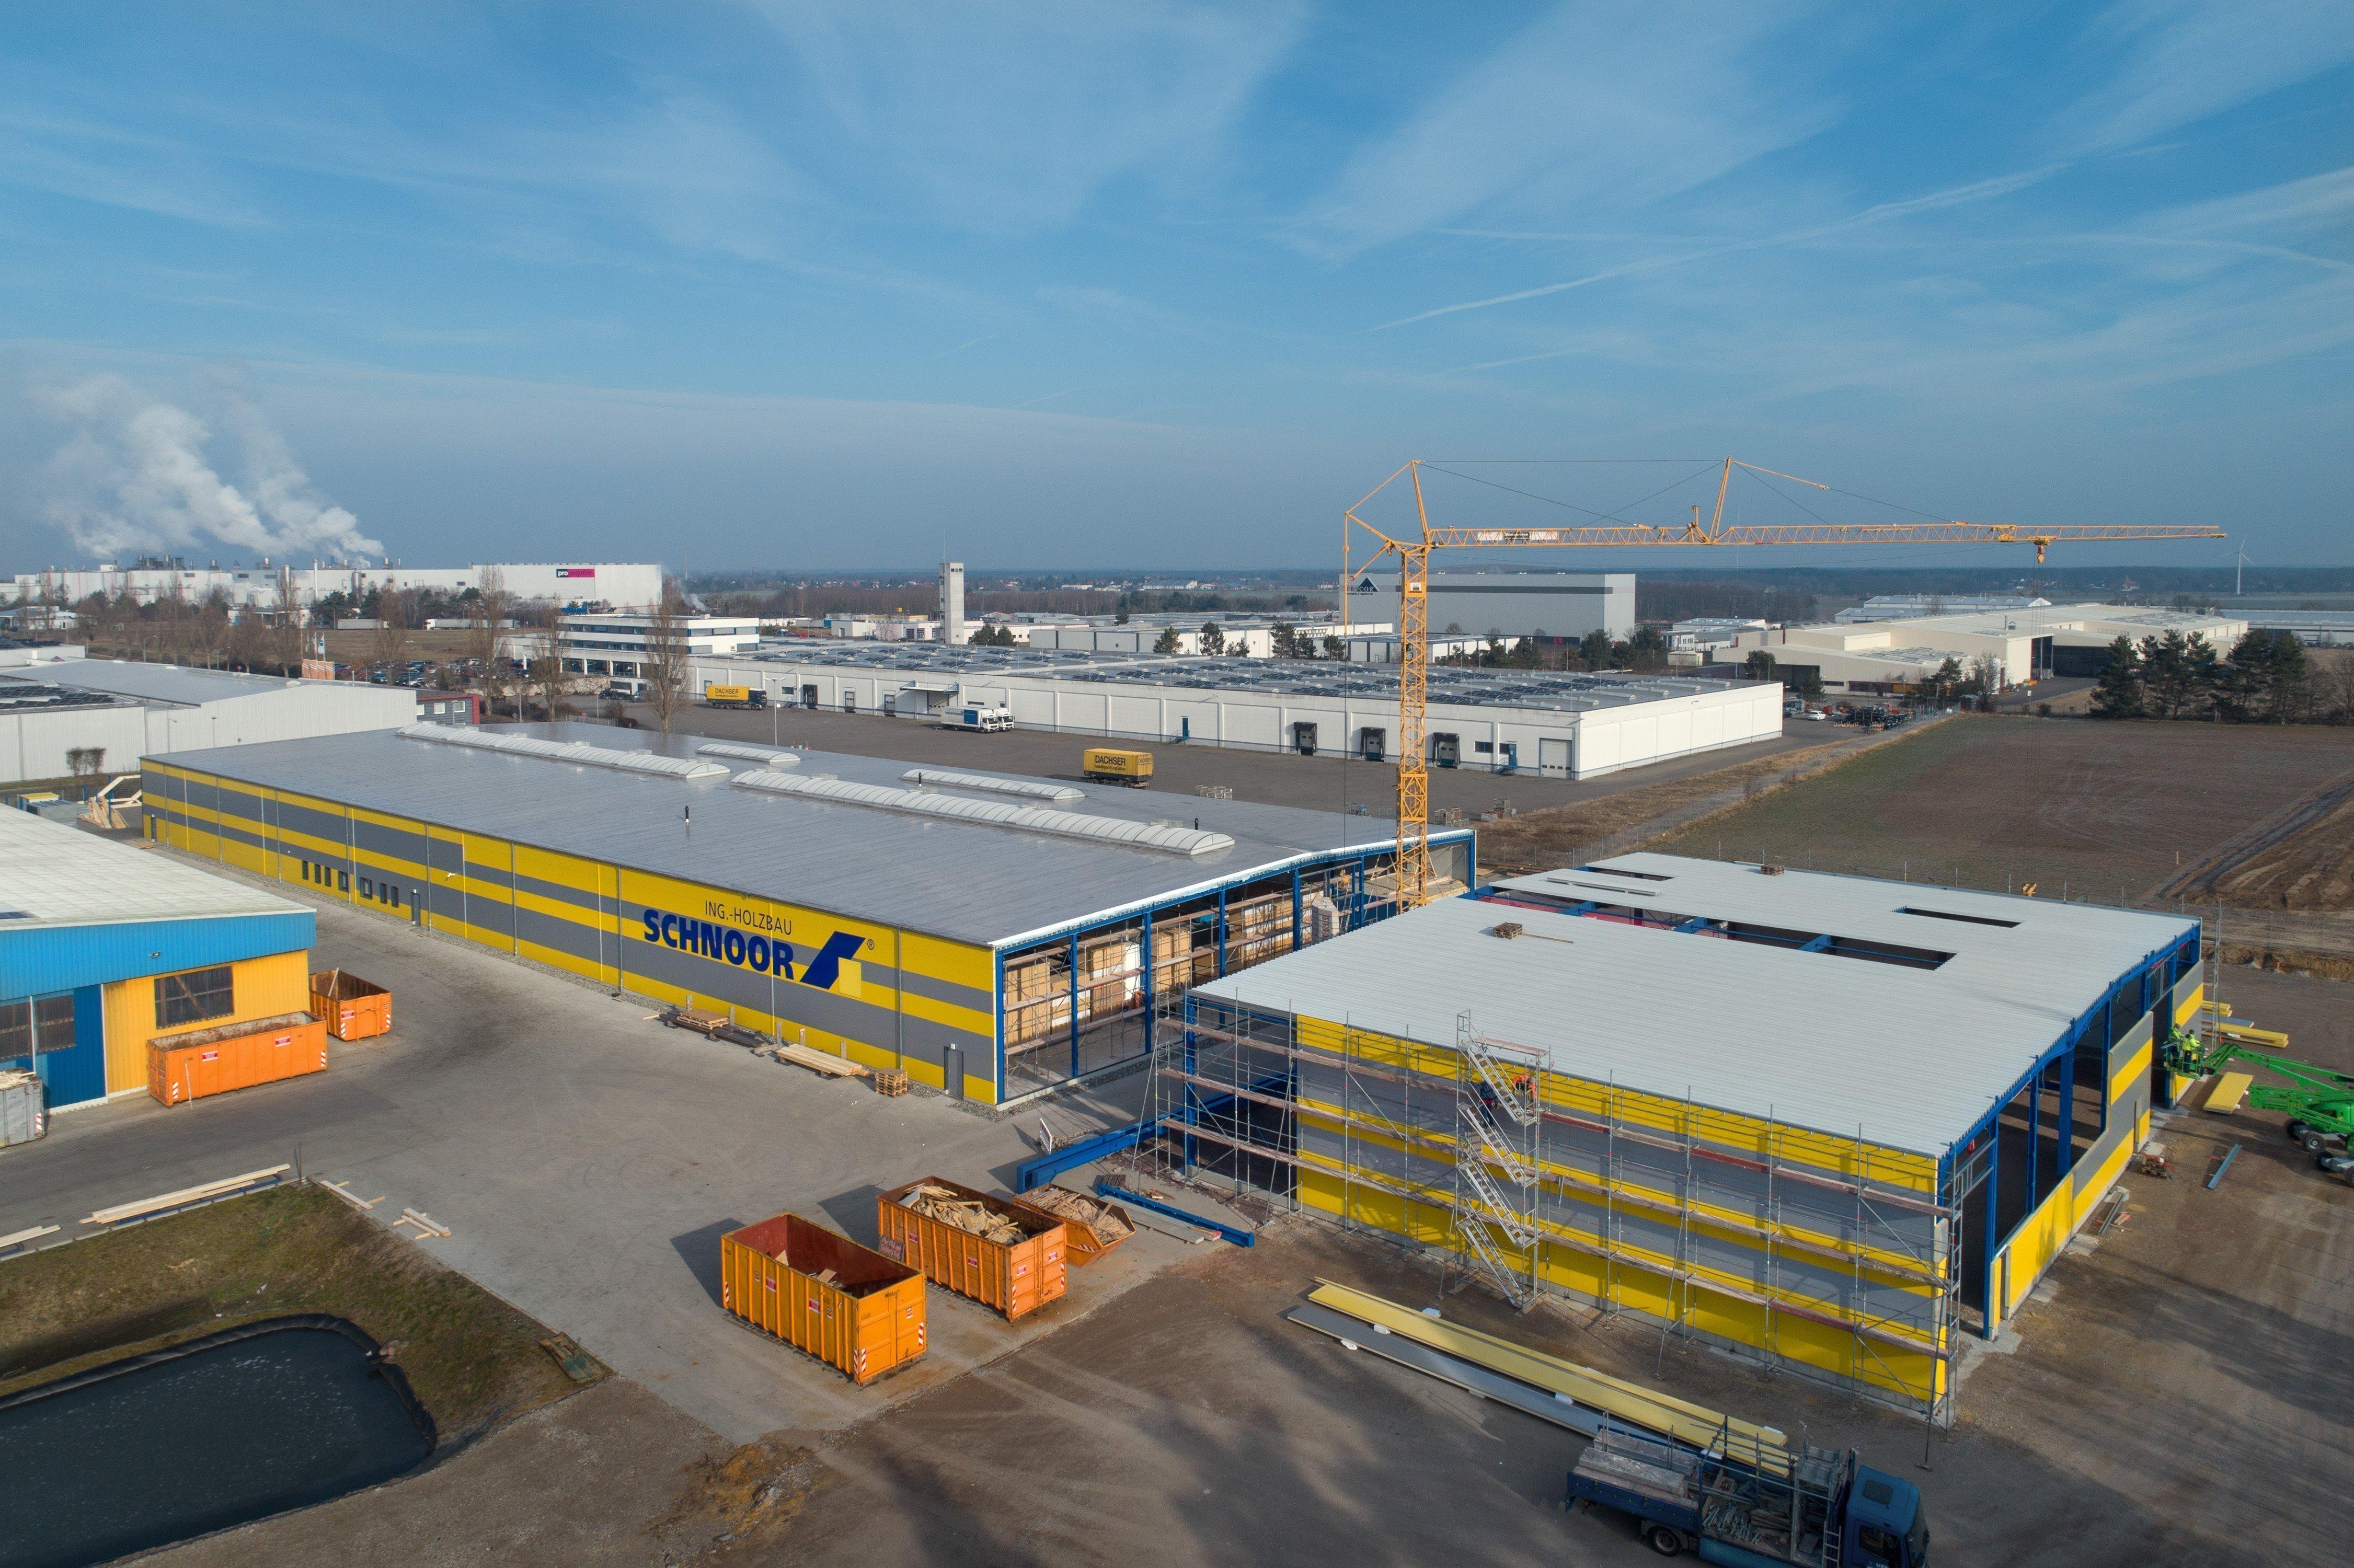 Halle 5+ von SCHNOOR mit neuer Anlage von Weinmann